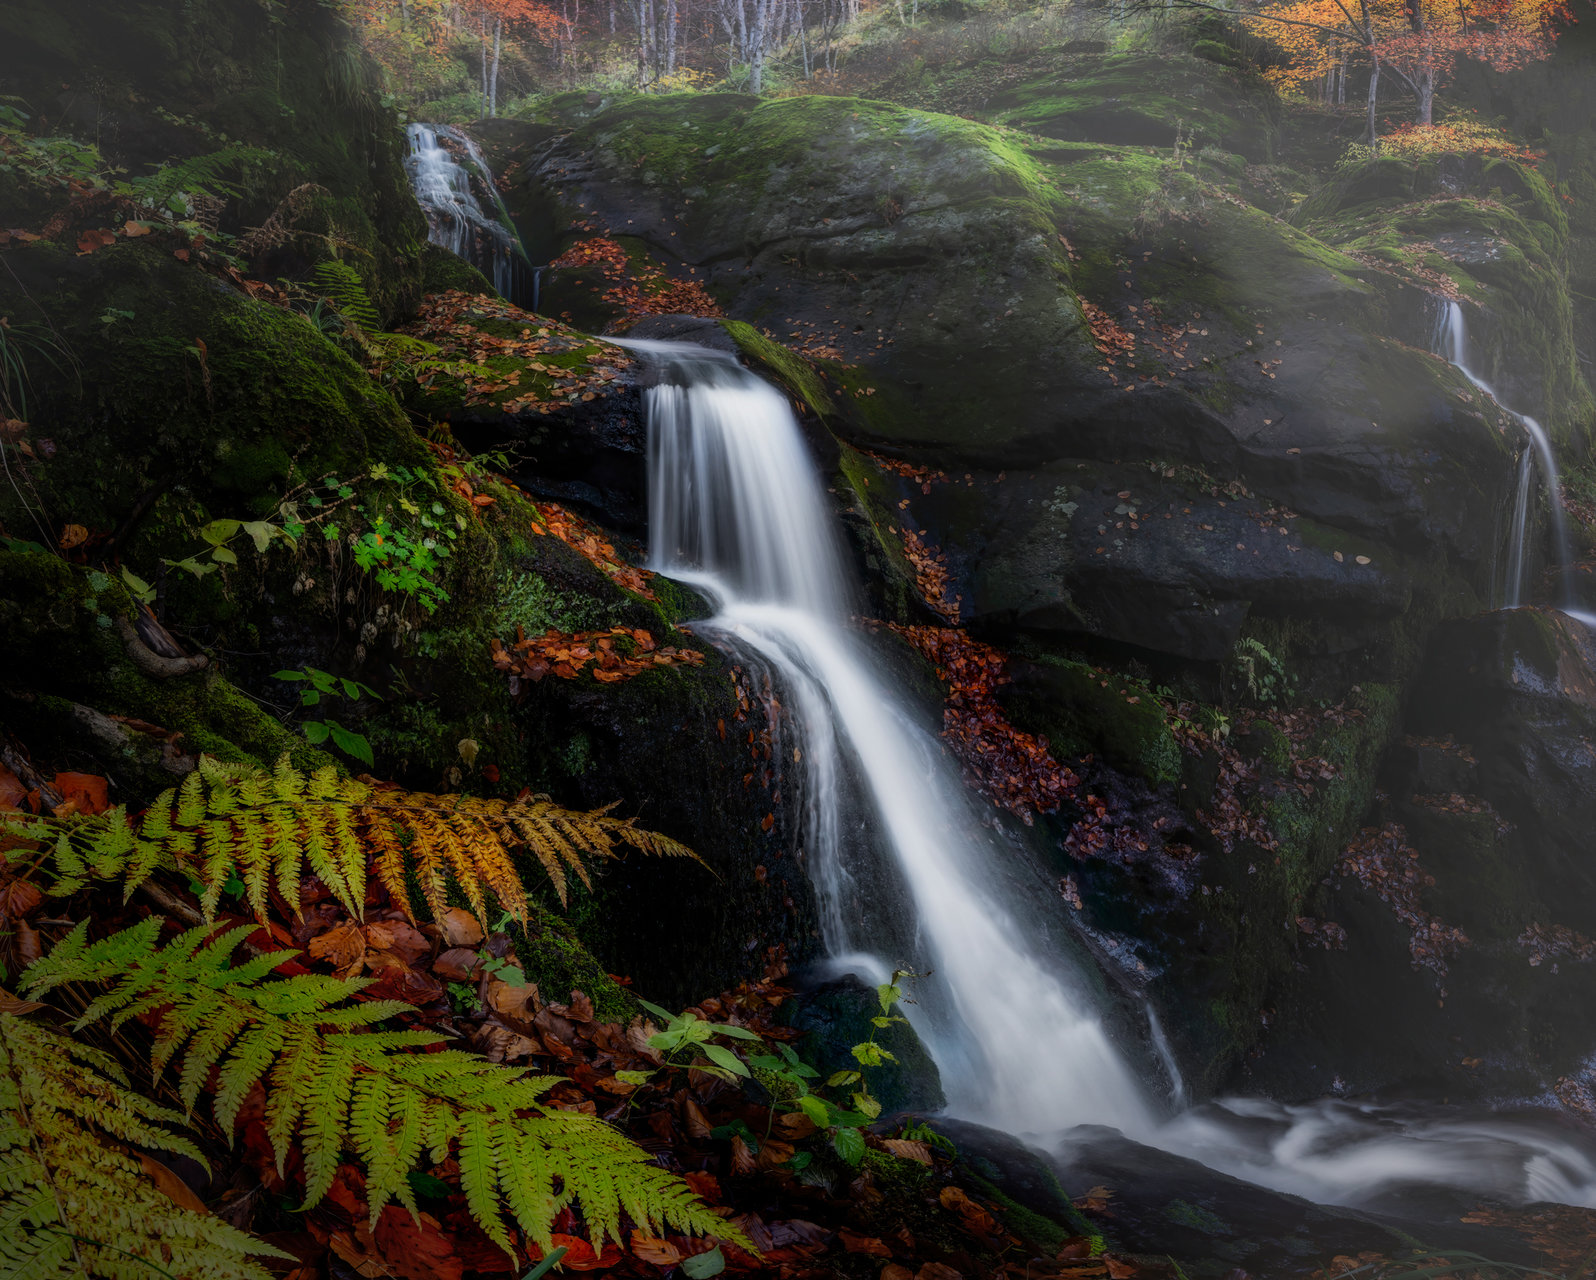 Photo in Landscape | Author edobg | PHOTO FORUM